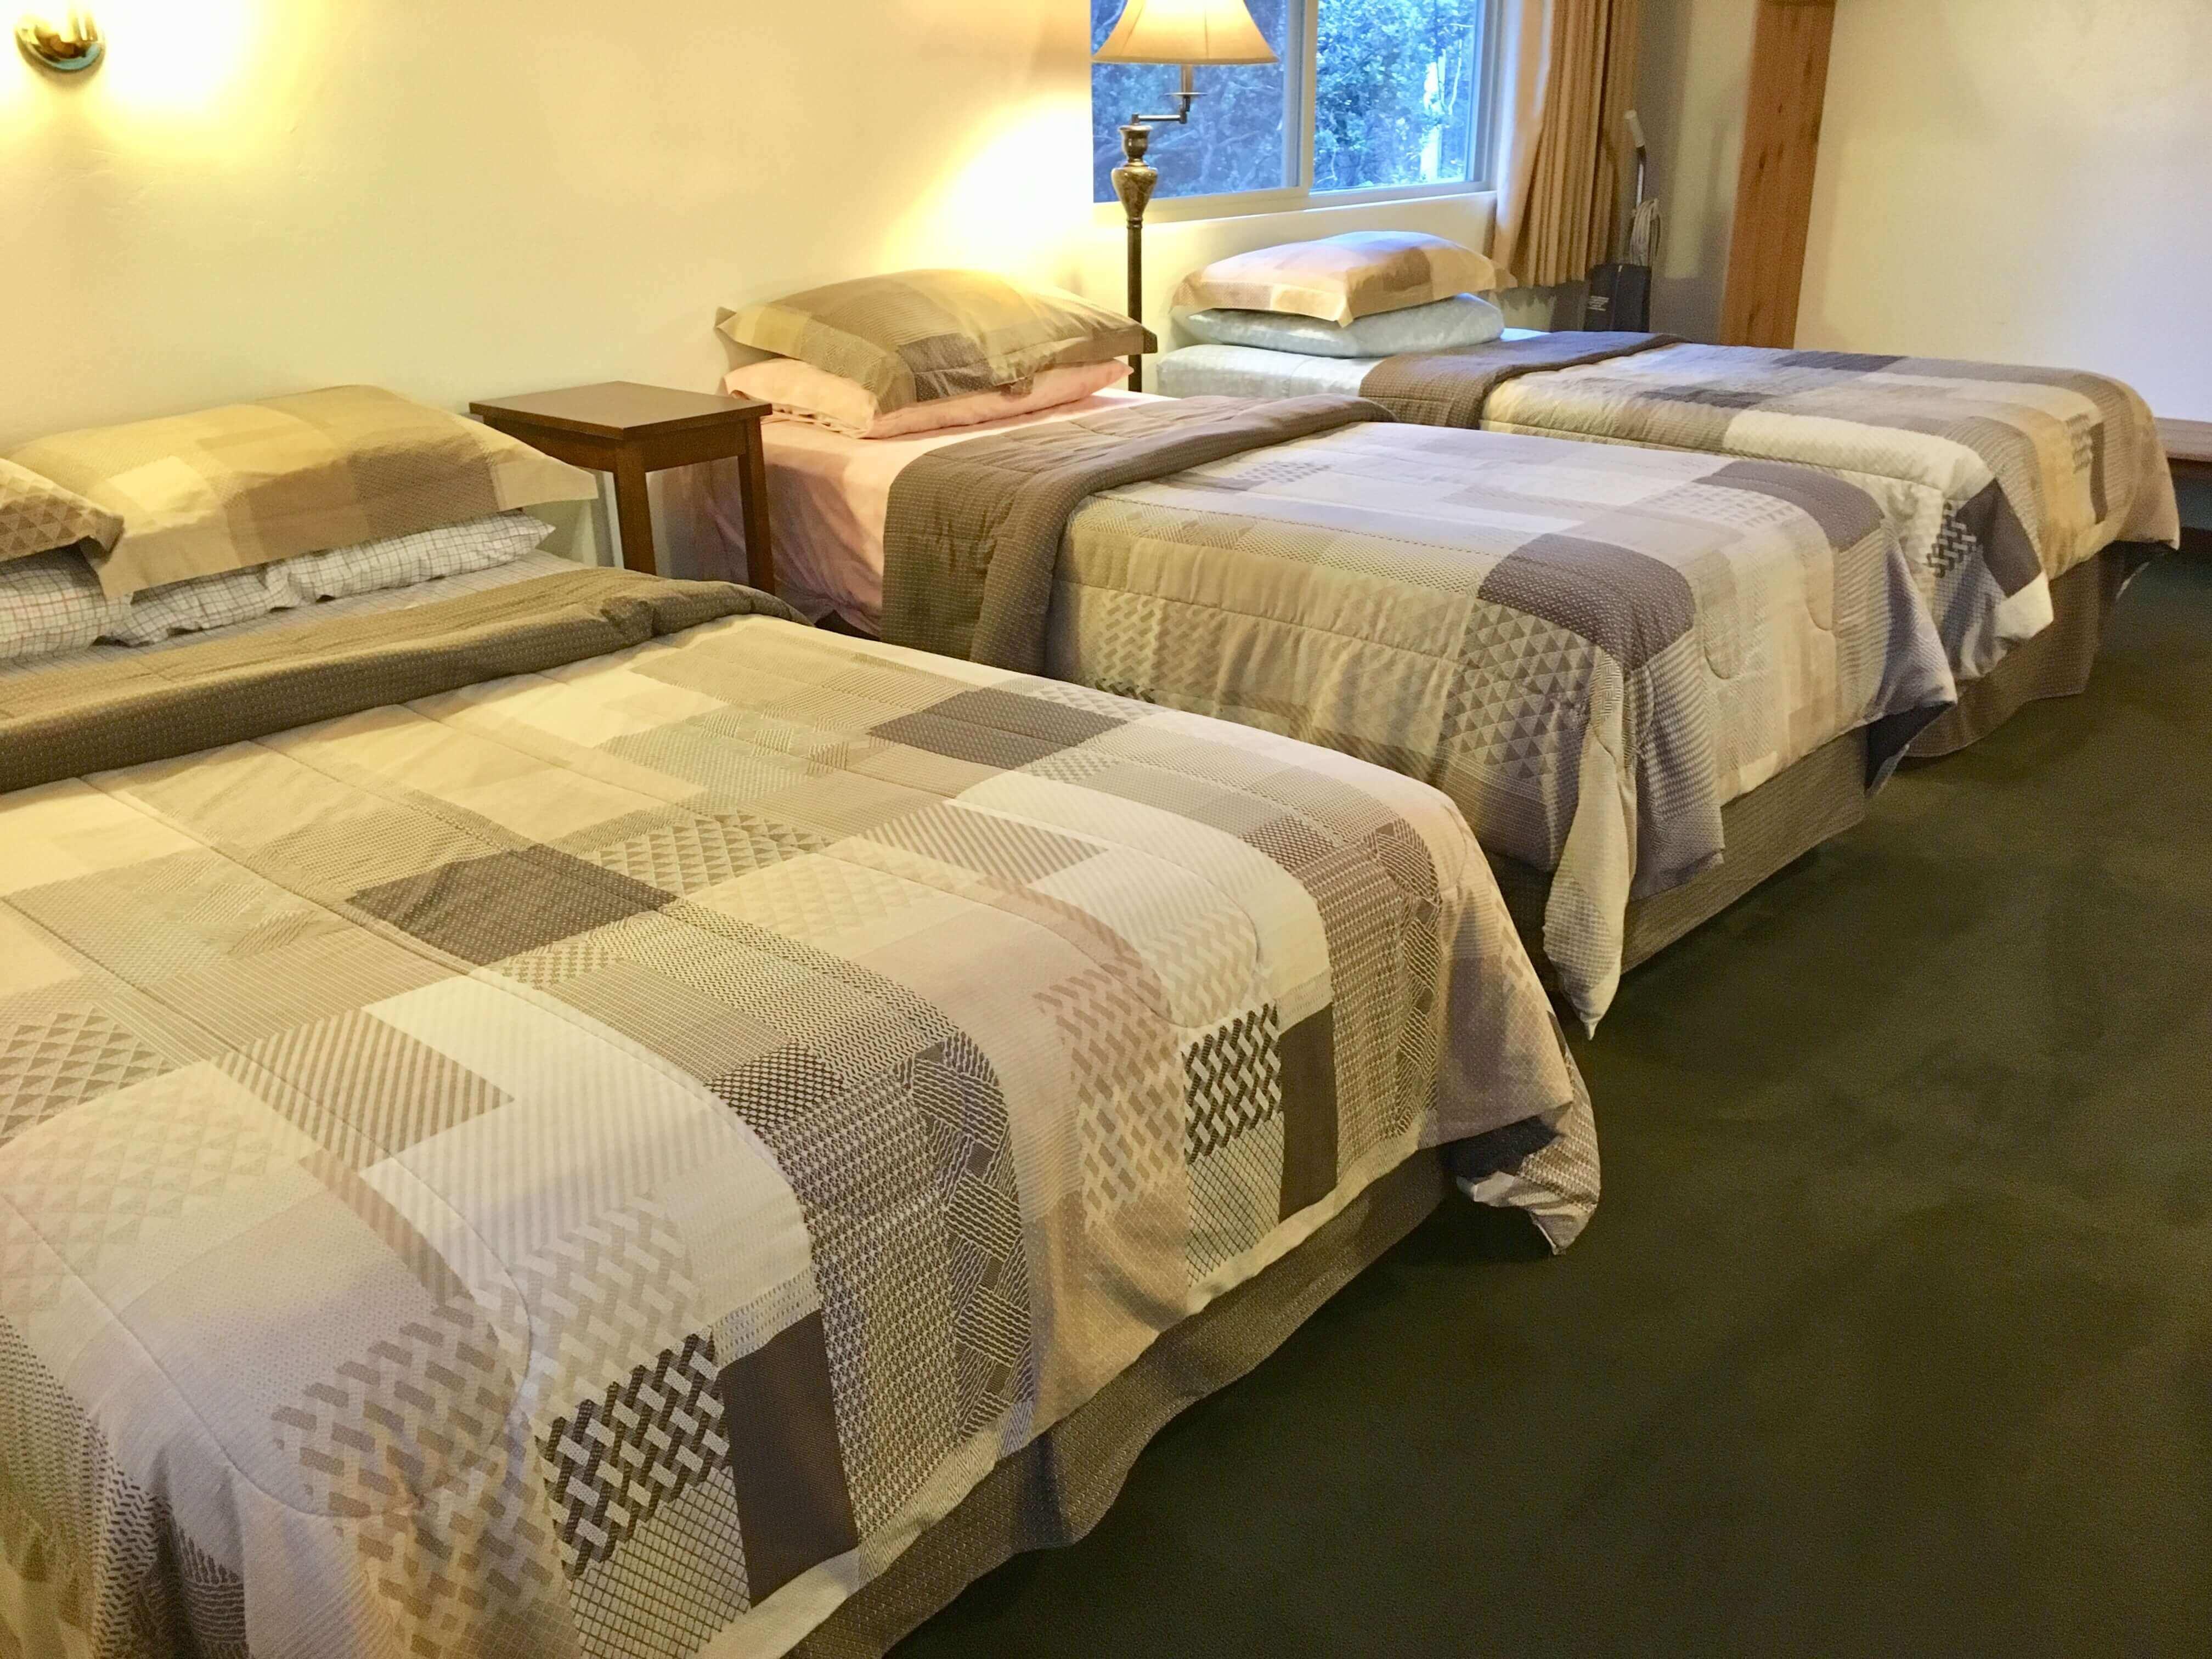 volcano hotel - volcano inn - caldera room 3 beds